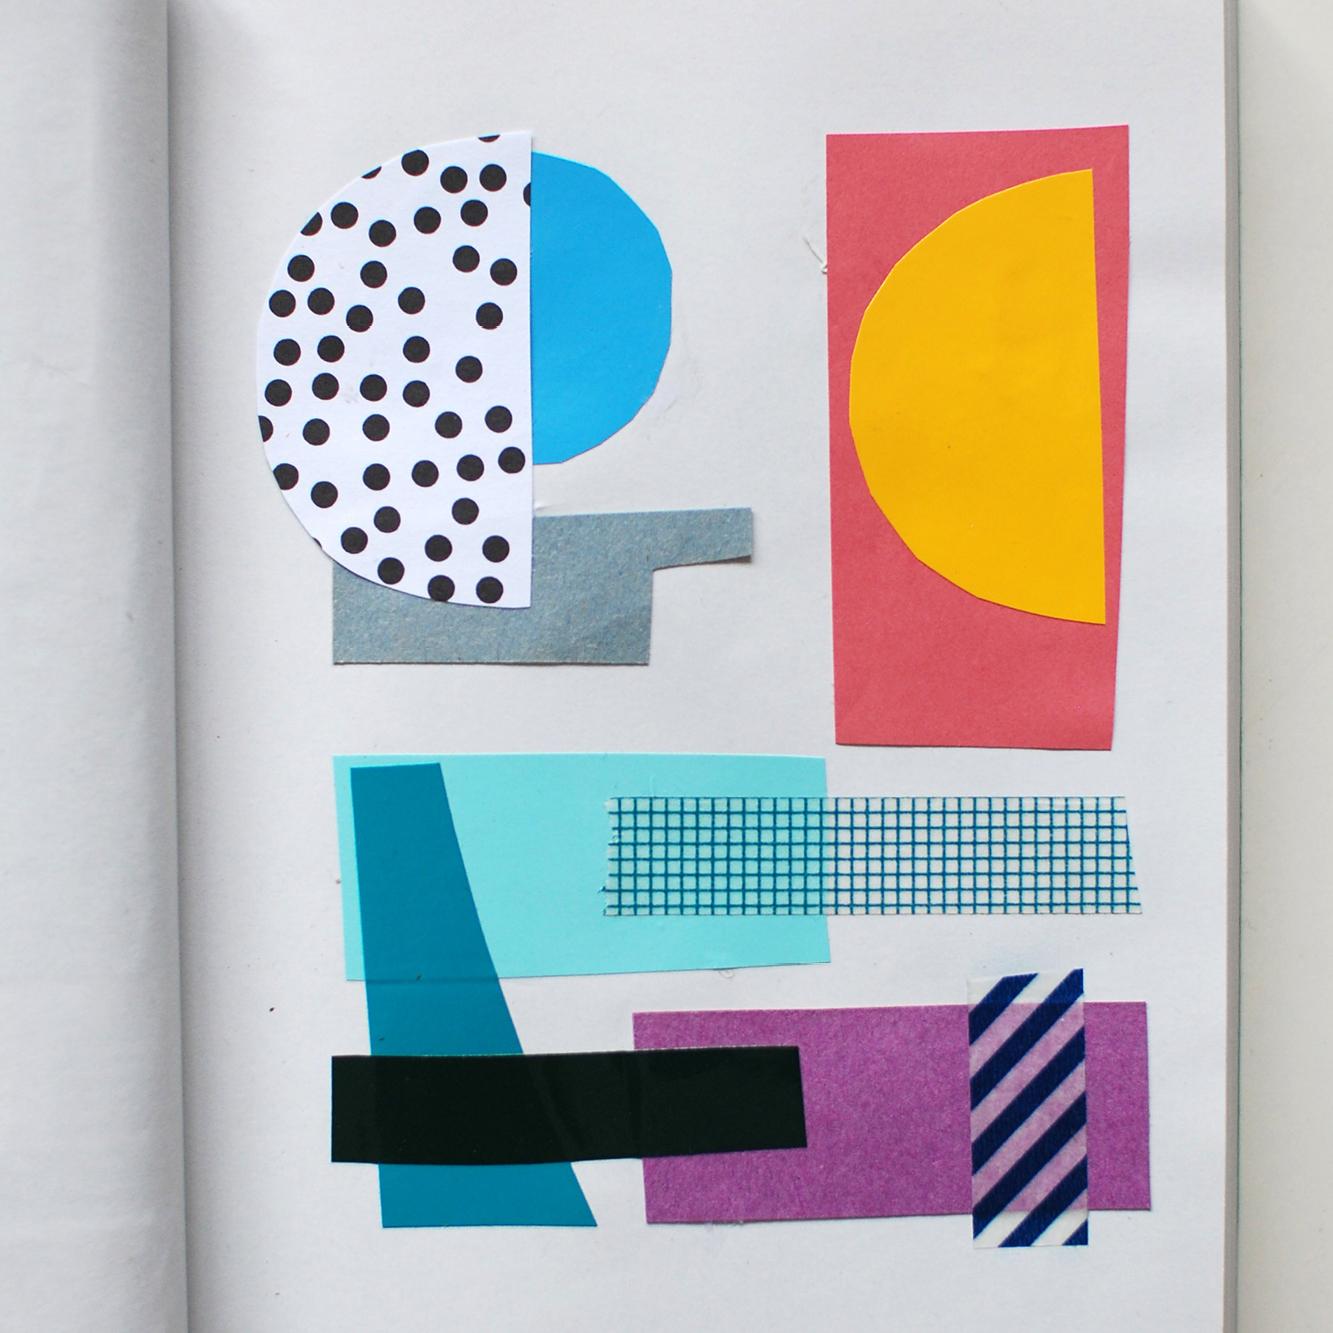 Sketchbook-1000x100067.jpg